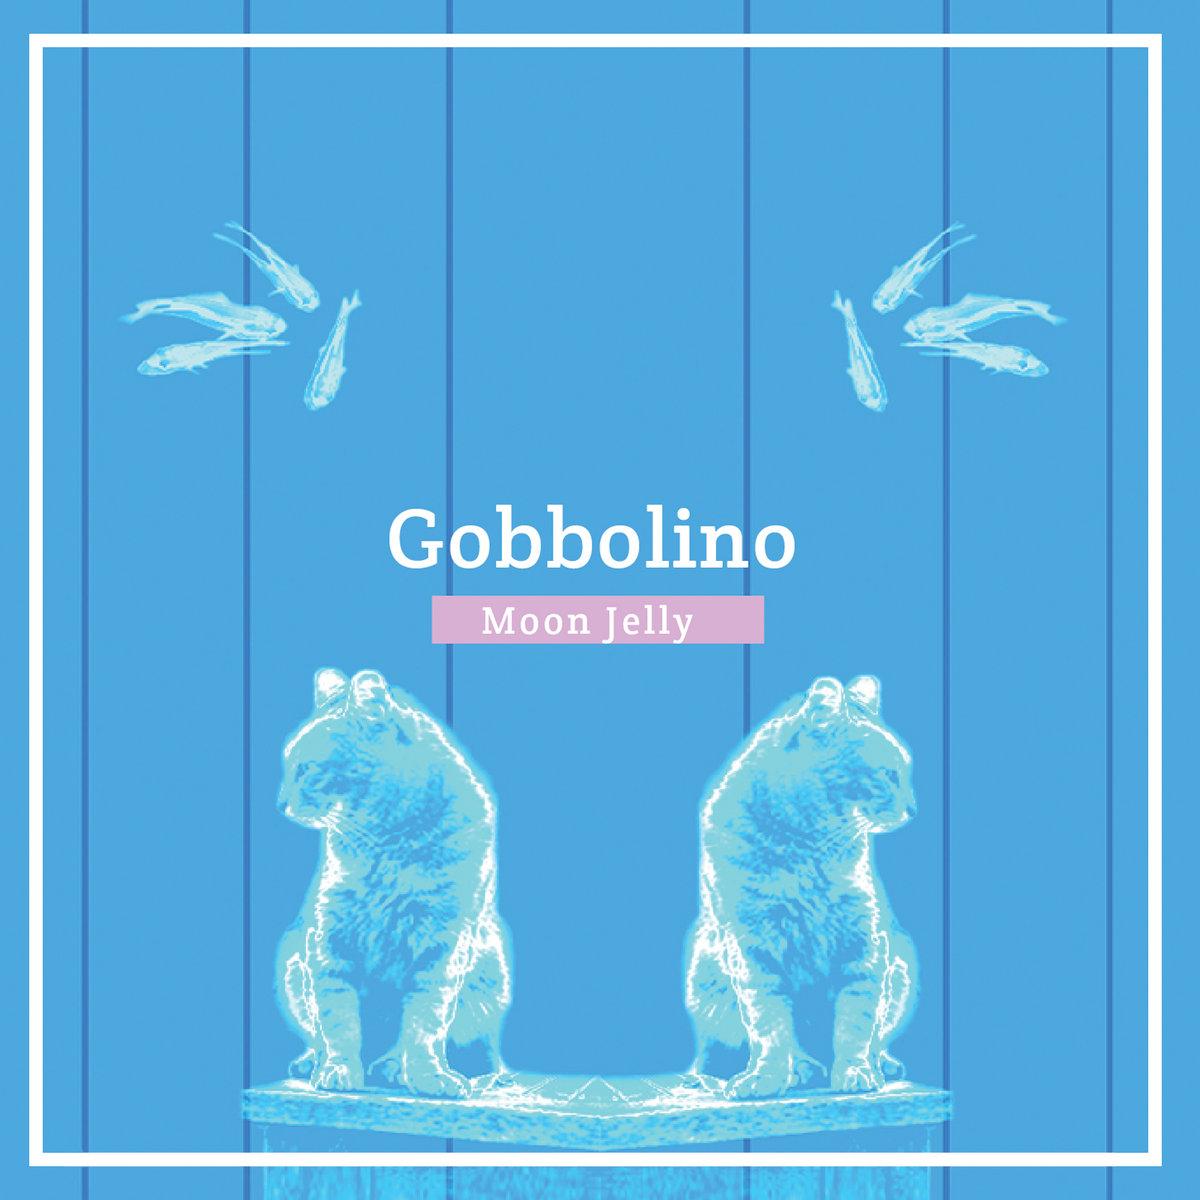 Gobbolino - Moon Jelly